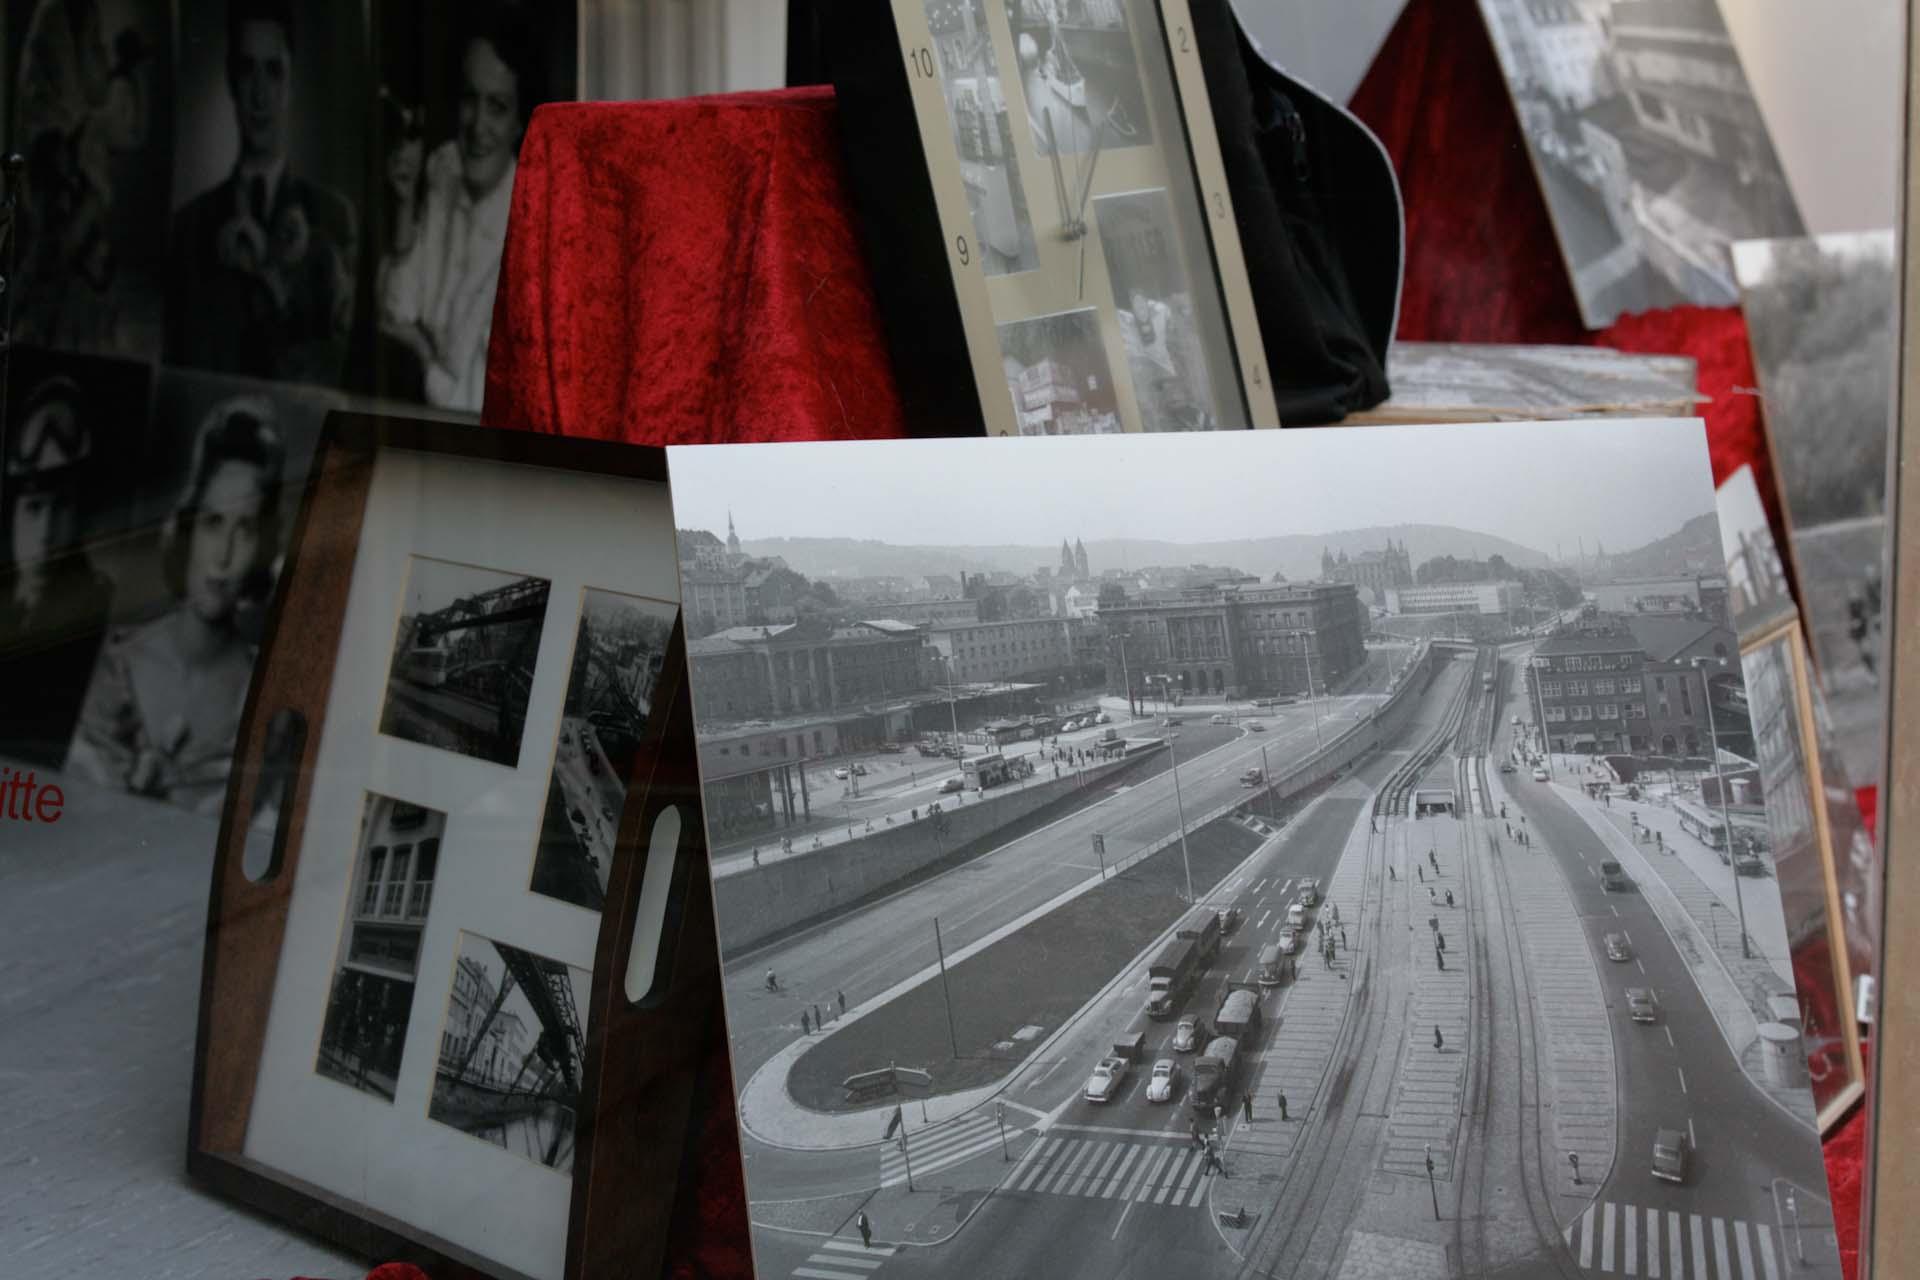 Der Döppersberg, hier ein Traum der 60er Jahre, von einer autogerechten Stadt